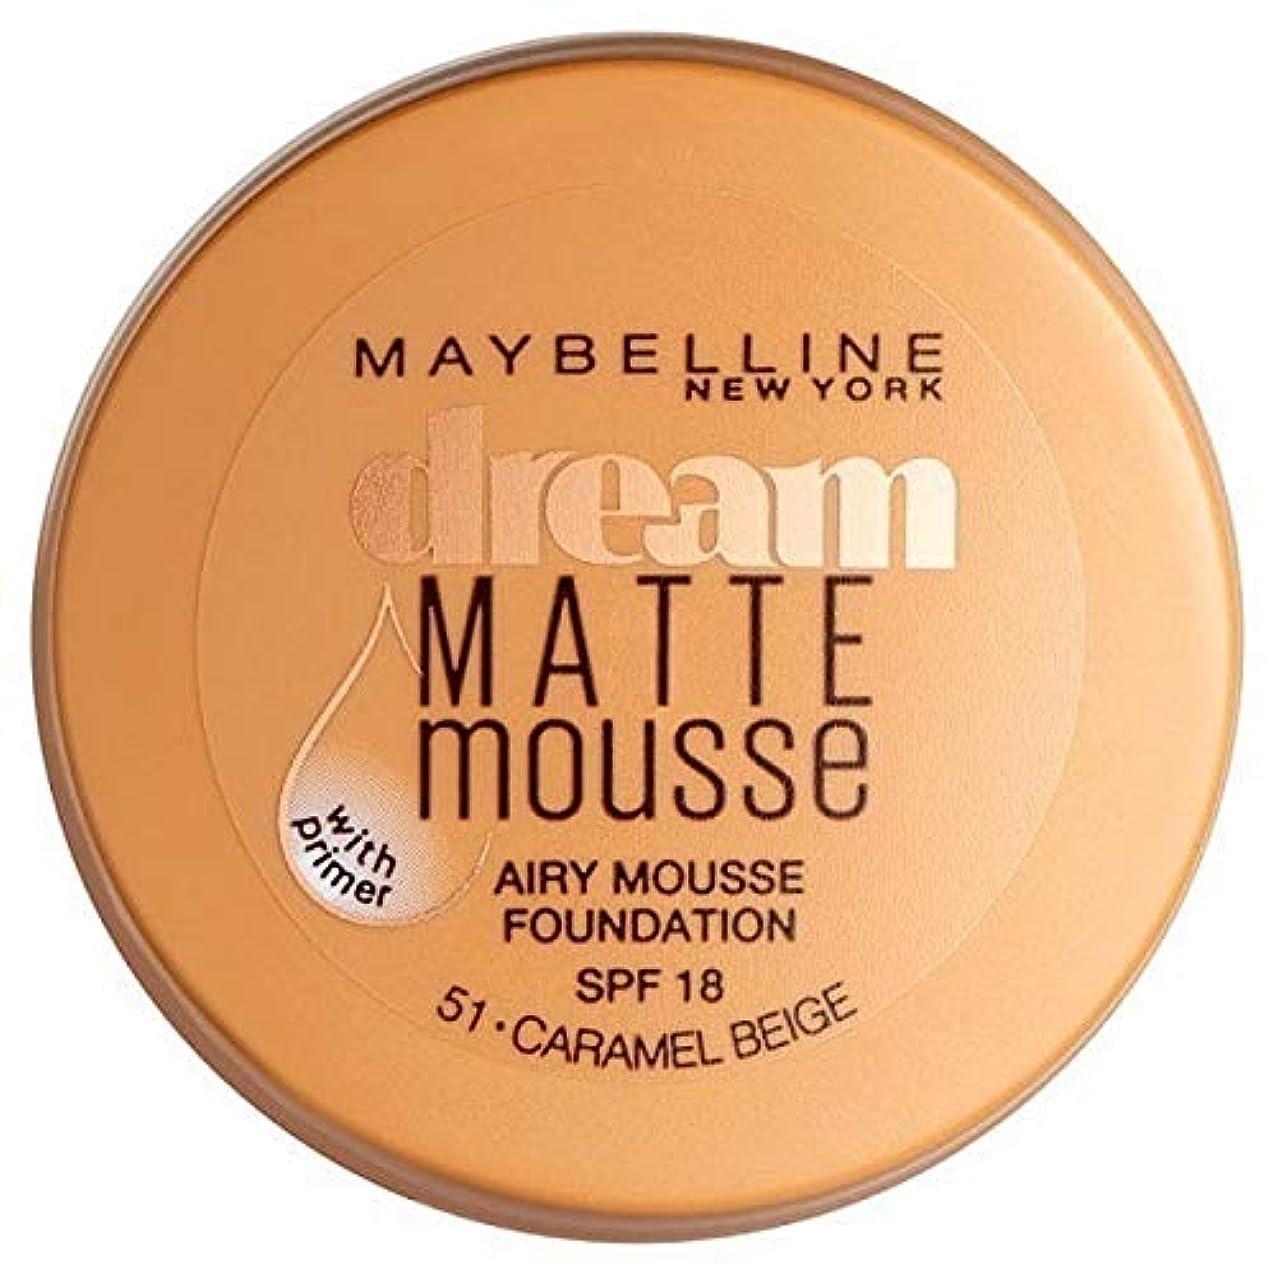 クレア含むドナウ川[Maybelline ] メイベリン夢のマットムース基盤051キャラメルベージュ - Maybelline Dream Matte Mousse Foundation 051 Caramel Beige [並行輸入品]